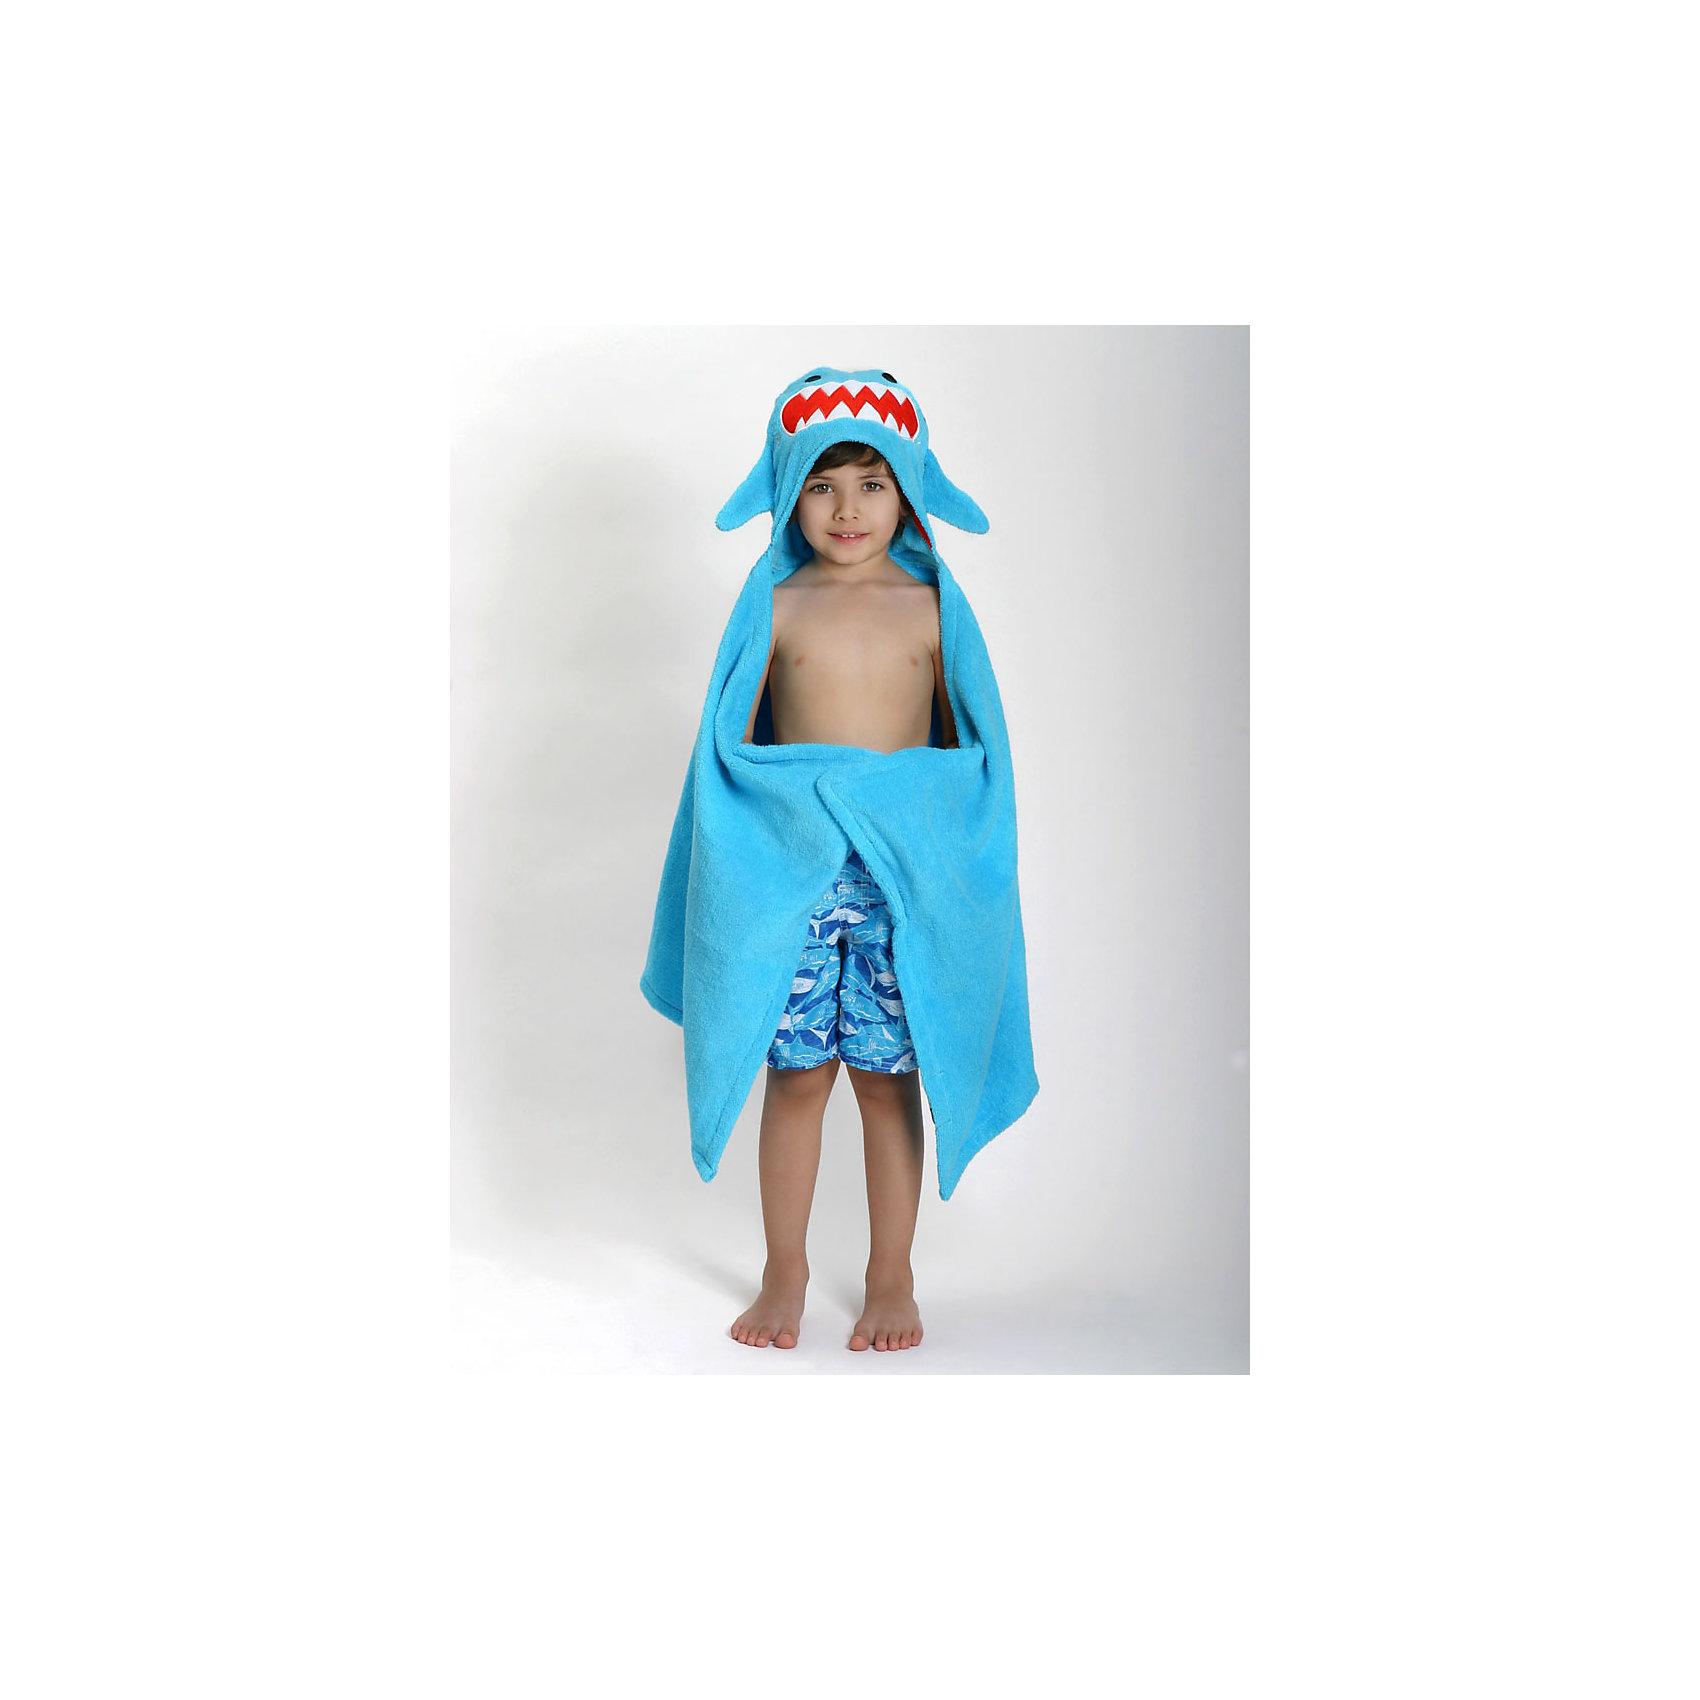 Полотенце с капюшоном Sherman the Shark (от 2 лет), ZoocchiniПолотенце с капюшоном Sherman the Shark (от 2 лет) Акула Шерман от американского бренда Zoocchini (Зукинни) сделает принятие ванны еще уютнее и приятнее. Специалисты из США и Канады, объединенные любовью к животным, создали компанию с товарами для детей в виде зверей. Большое хлопковое полотенце прекрасно впитывает влагу, а забавный капюшон с качественно вышитой акулой защищает от сквозняков. По краям имеются дополнительные уголки для рук в виде плавников, превращая полотенце почти в костюм, отличный повод для веселого маскарада! Приятный сине-бирюзовый цвет и дизайн придут по вкусу всей семье. Отлично подходит деткам от двух лет. <br>Дополнительная информация:<br><br>- Состав: 100% хлопок<br>- Размер: 127 * 55 см.<br>Полотенце с капюшоном Sherman the Shark (от 2 лет) Акула Шерман, Zoocchini (Зукини) можно купить в нашем интернет-магазине.<br>Подробнее:<br>• Для детей в возрасте: от 2 лет<br>• Номер товара: 4976025<br>Страна производитель: Китай<br><br>Ширина мм: 305<br>Глубина мм: 50<br>Высота мм: 305<br>Вес г: 594<br>Возраст от месяцев: 24<br>Возраст до месяцев: 72<br>Пол: Унисекс<br>Возраст: Детский<br>SKU: 4976025